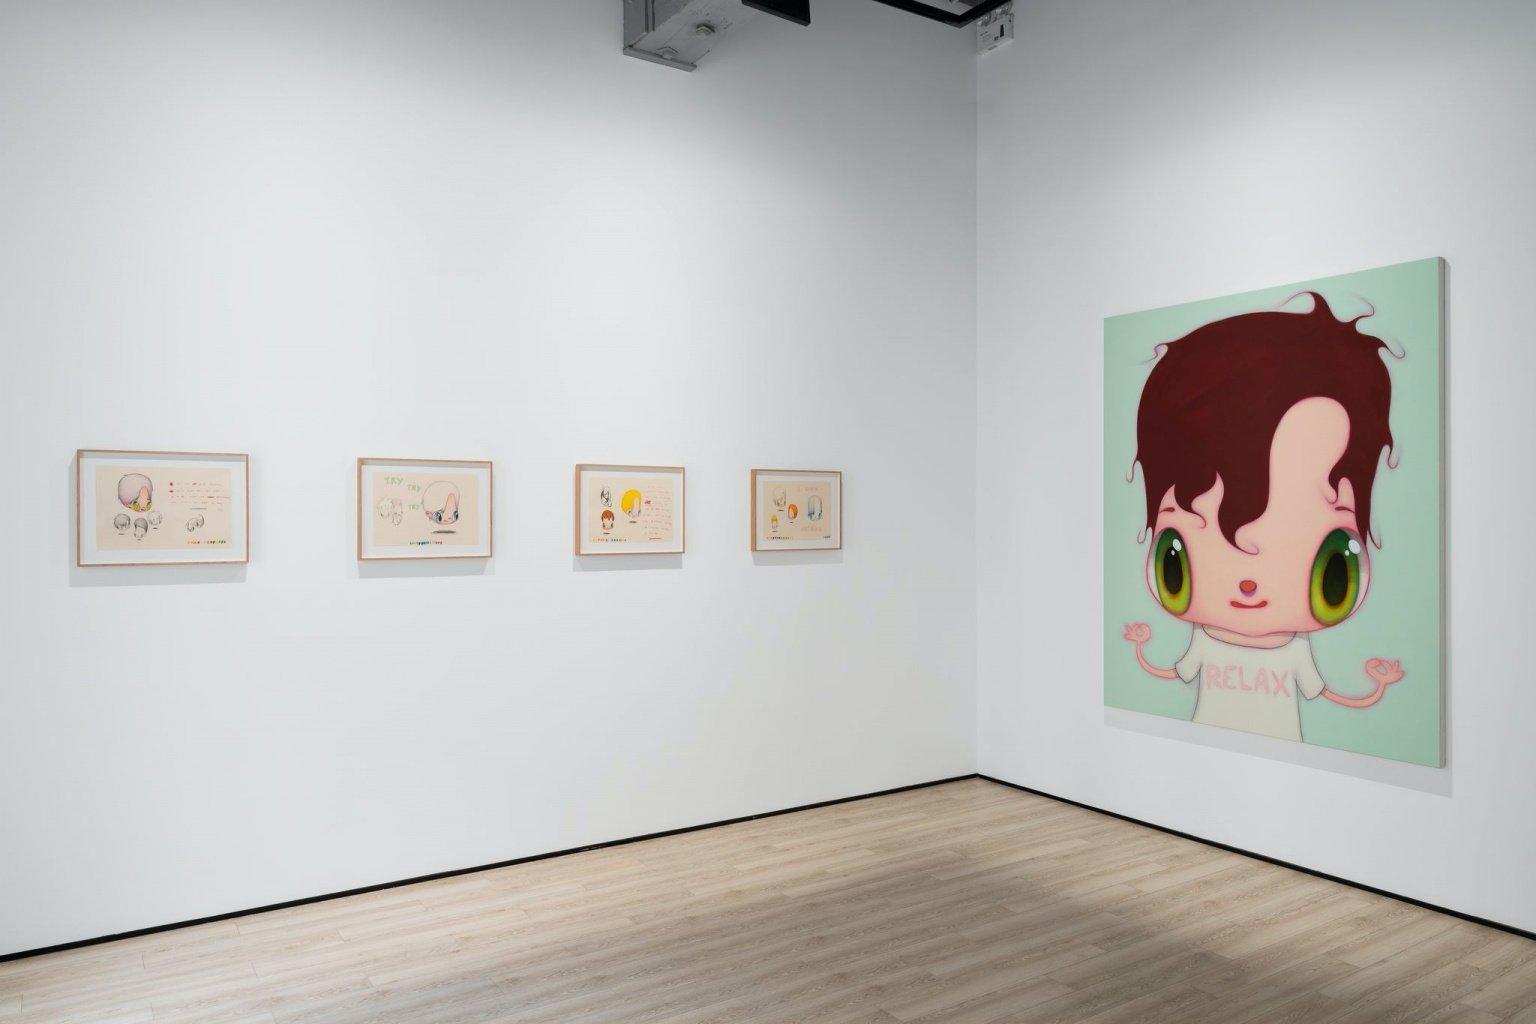 almine-rech-gallery-javier-calleja-installation-views-argsh-2021-48627jpg